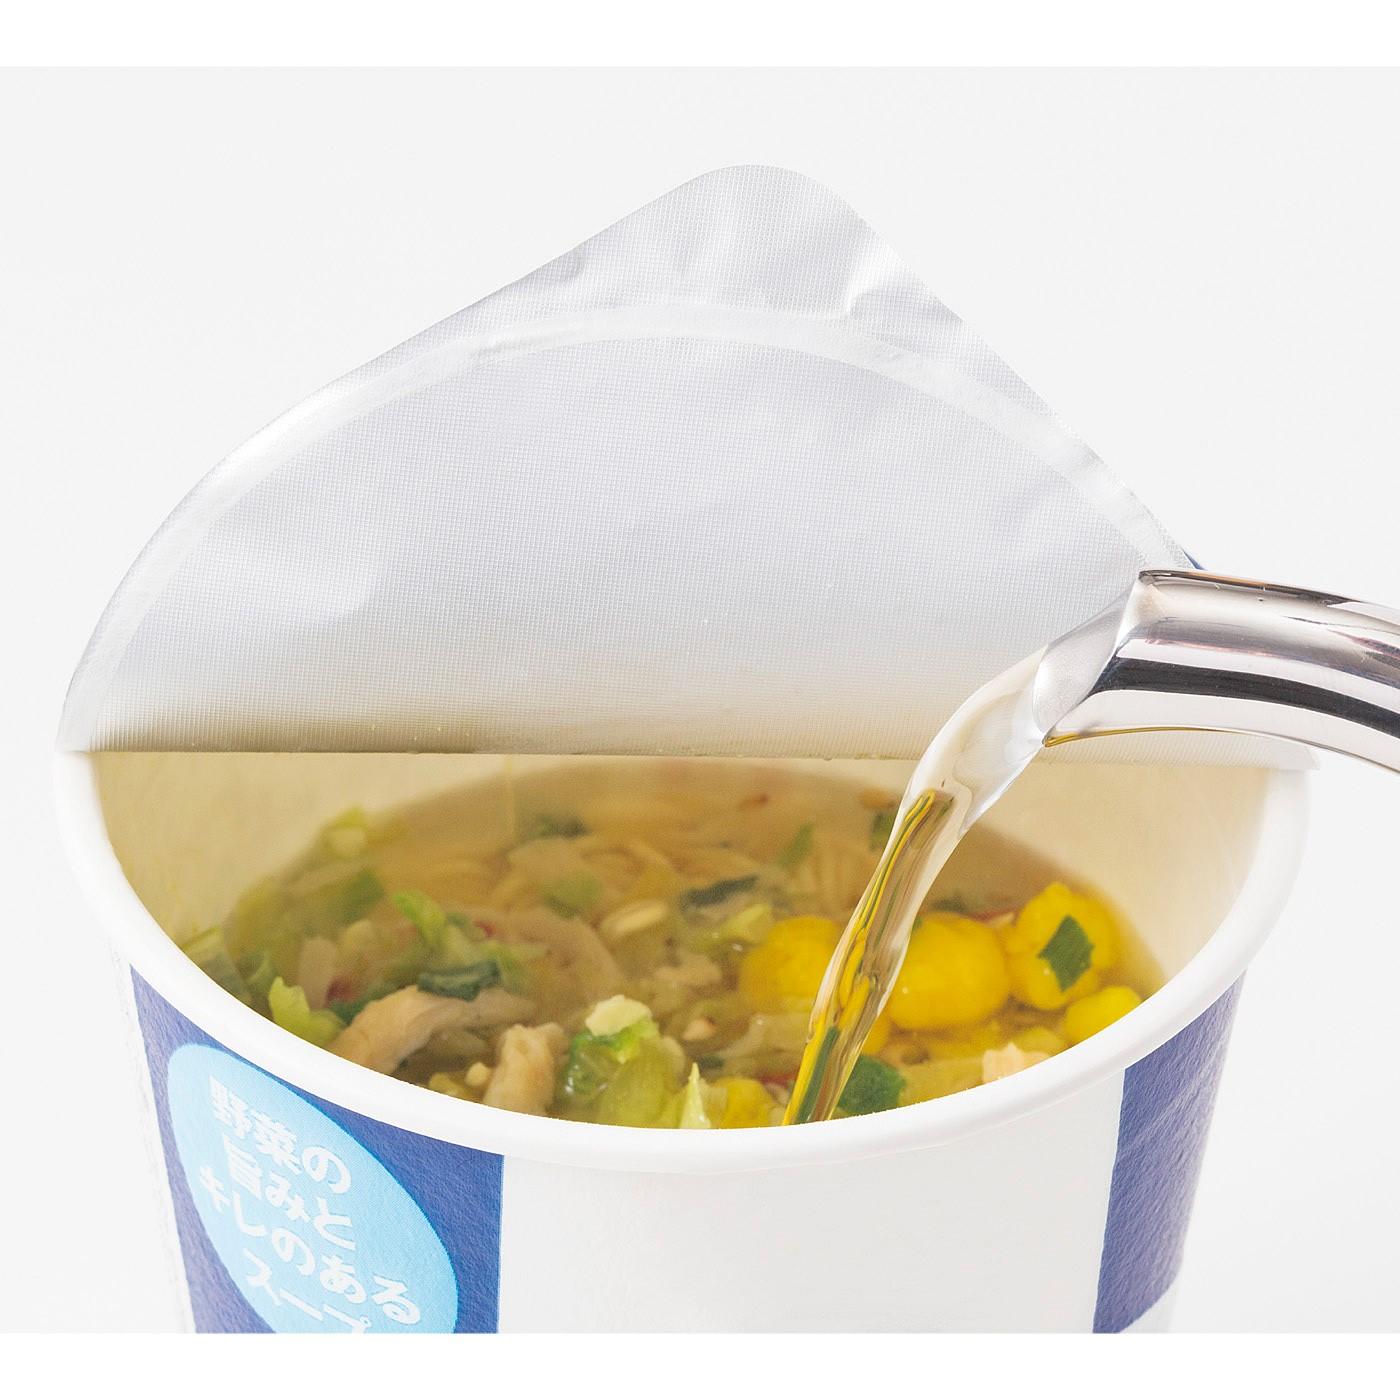 スープやカップ麺のお湯を注ぐのにも便利。